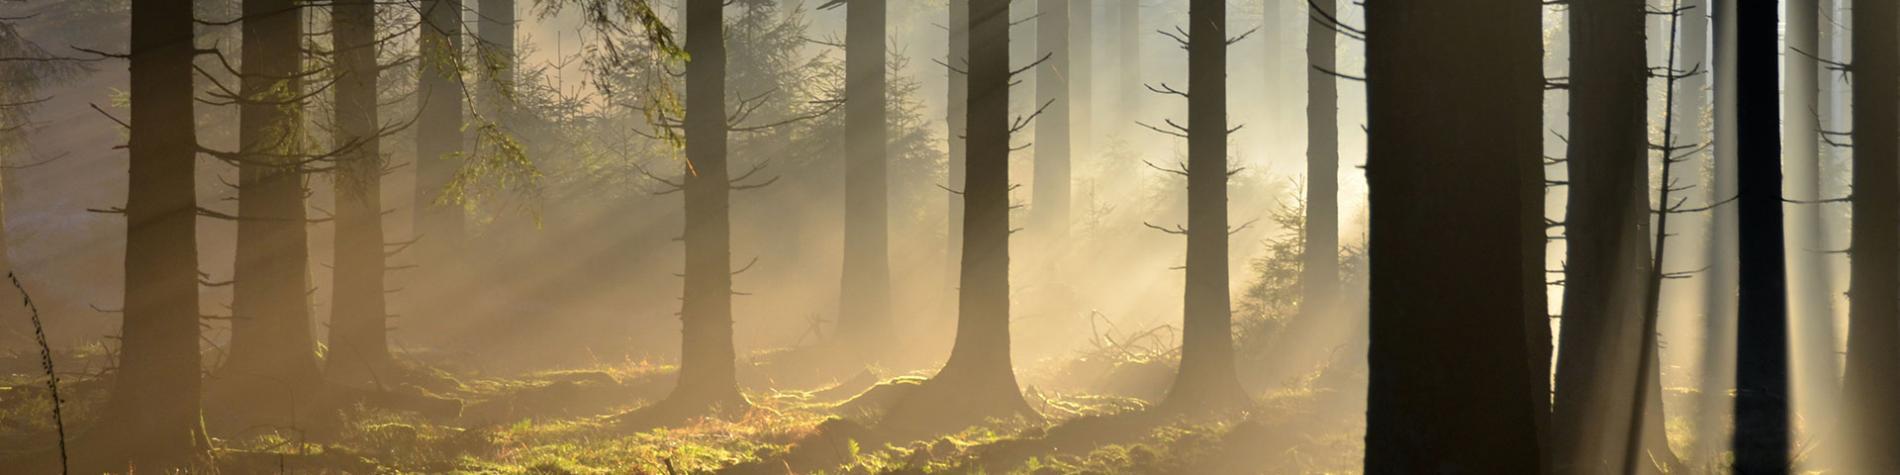 Forêt - Anlier - Wallonie - Nature - Belgique